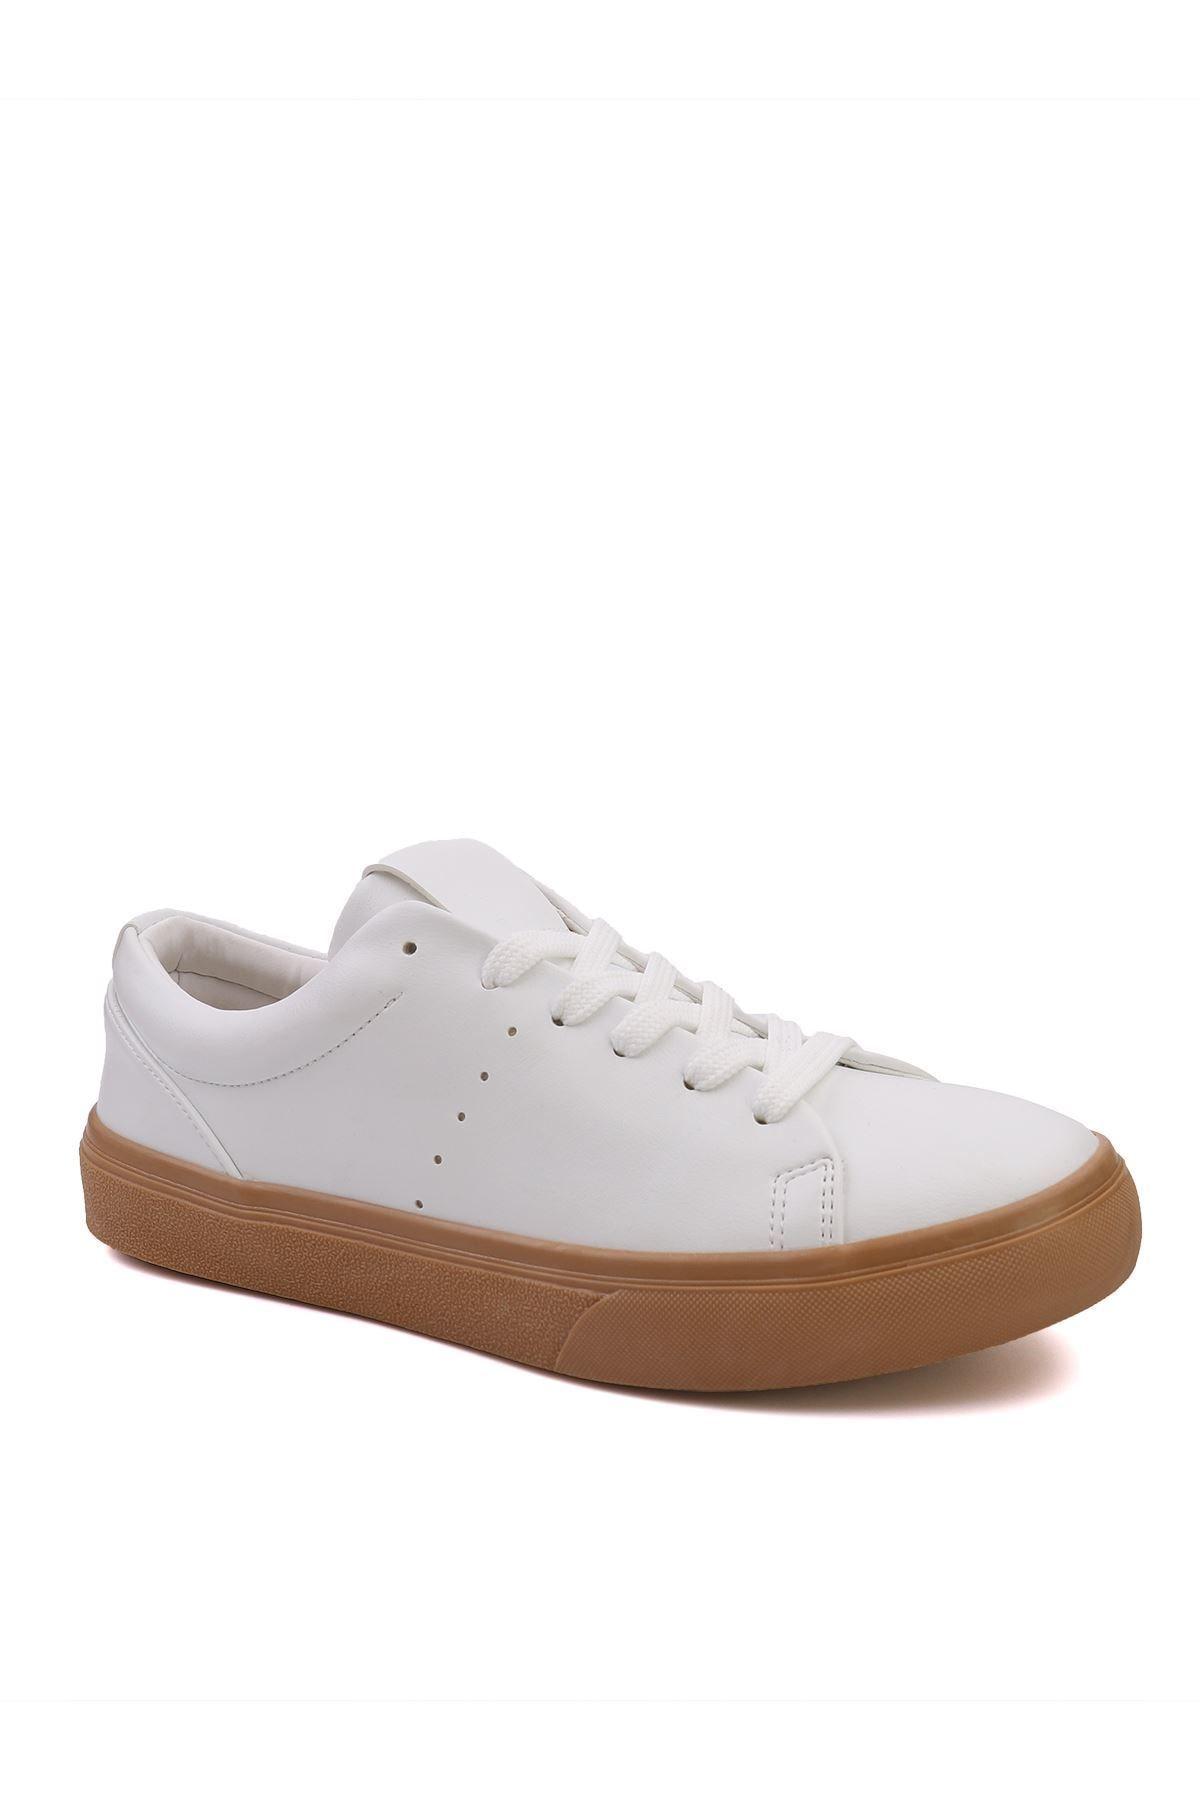 LETOON Erkek Sneaker - 3537MR 2